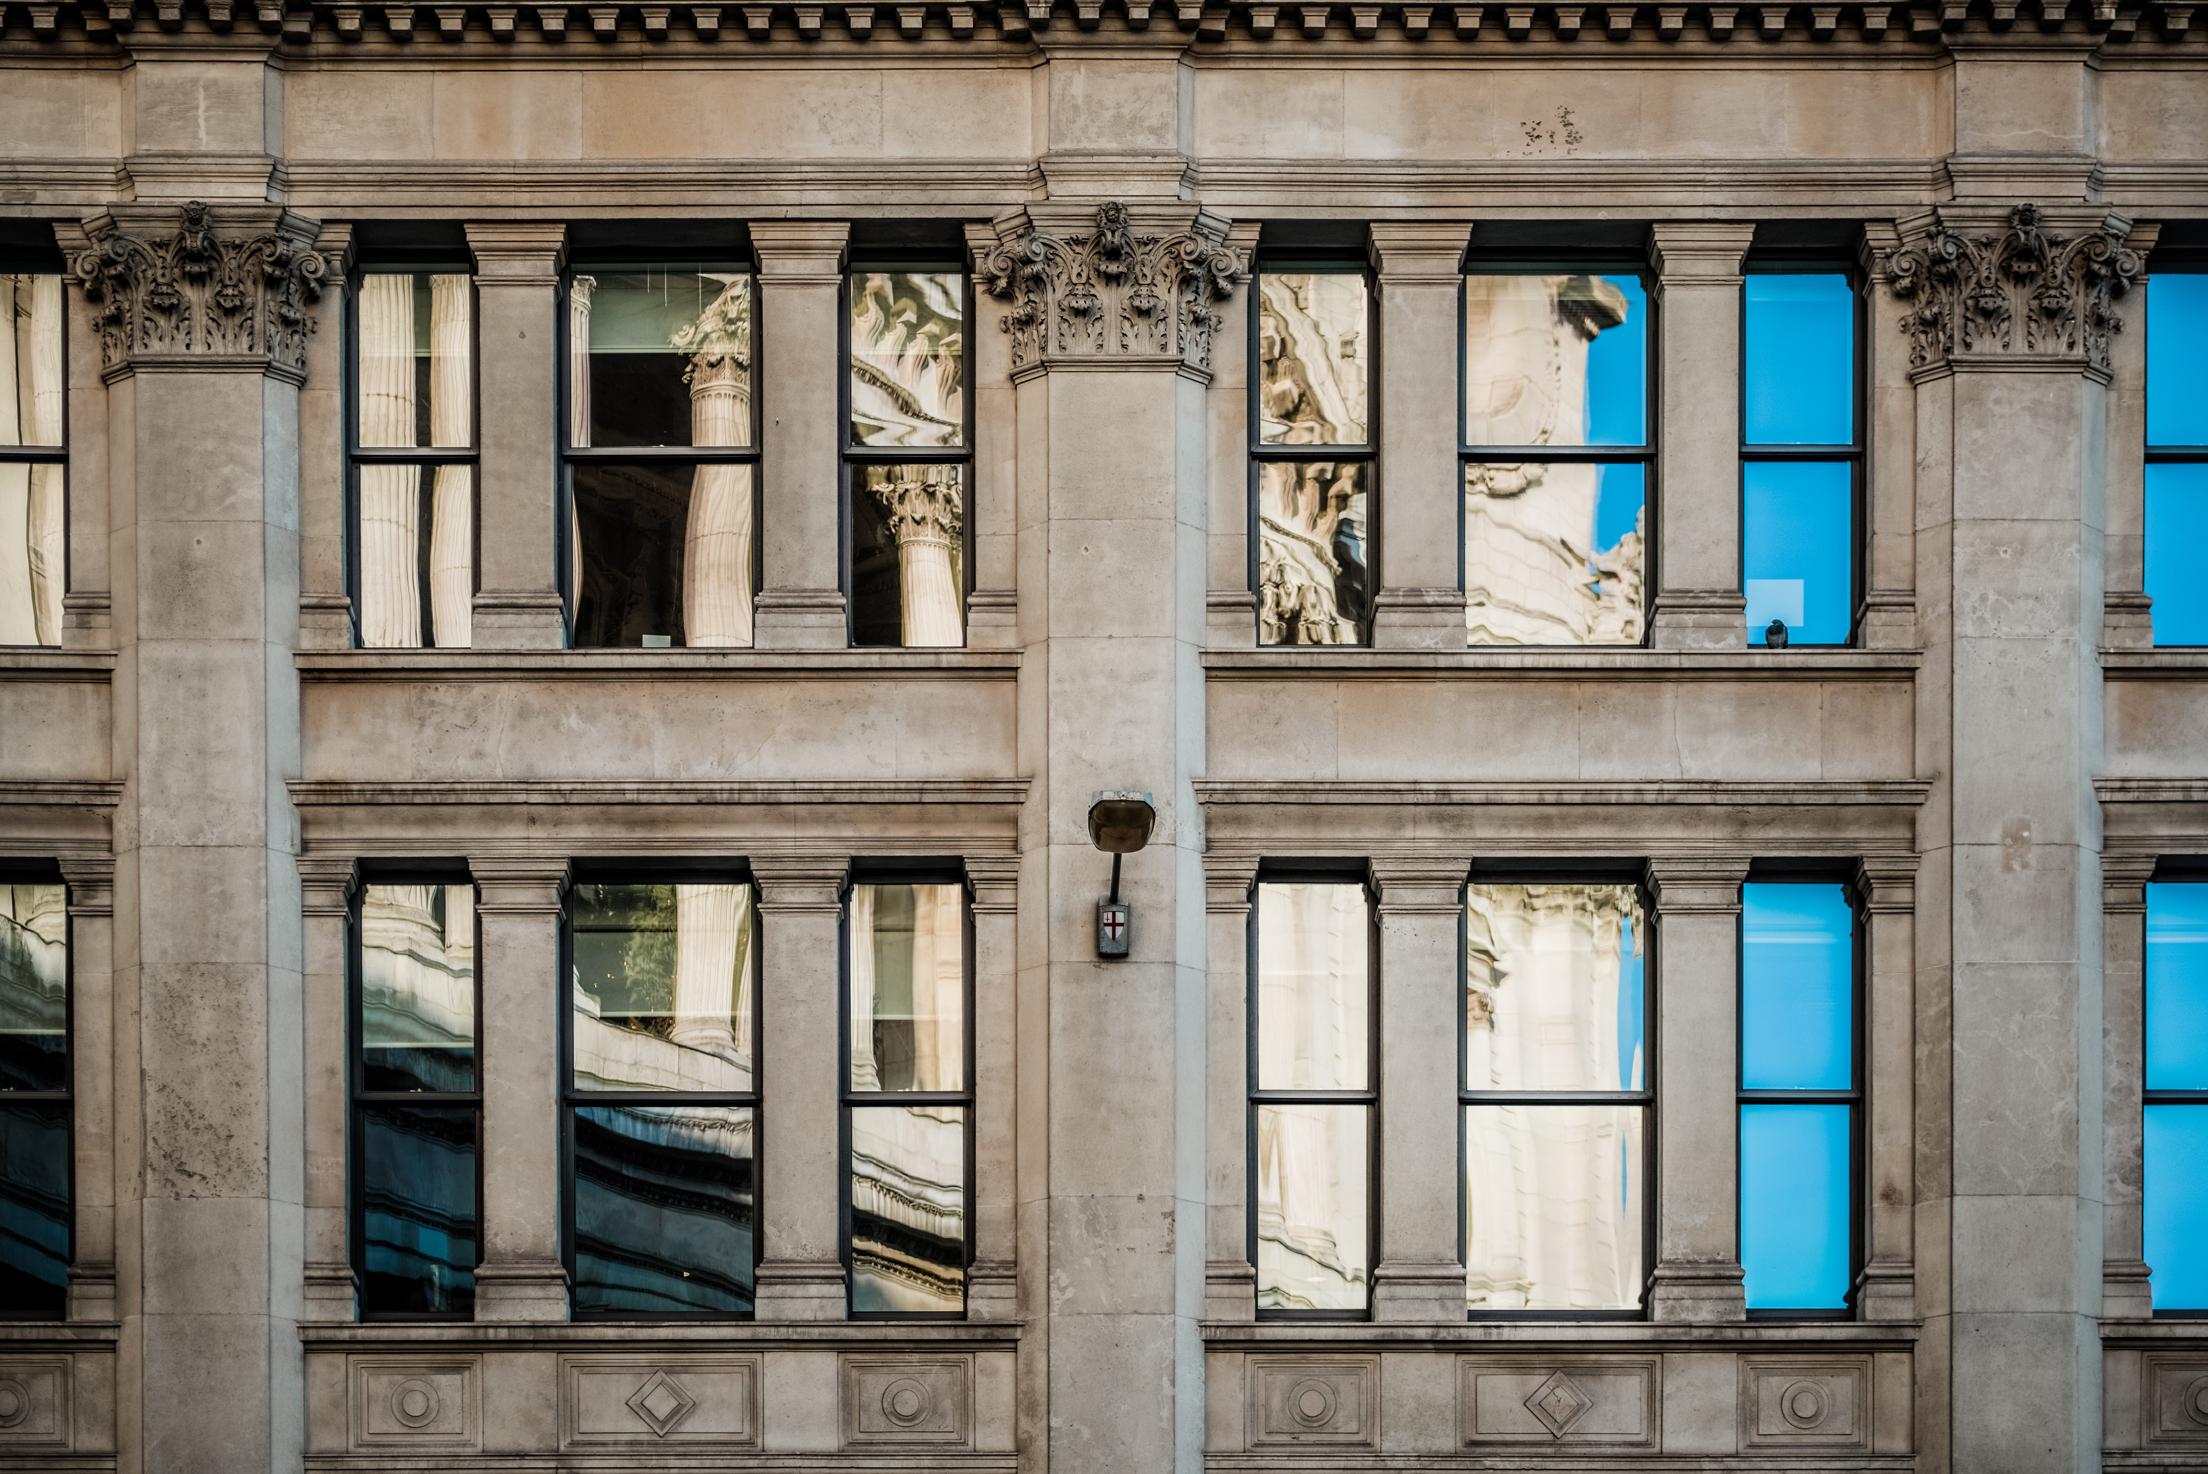 La cathédrale de Londres en reflets dans des fenêtres